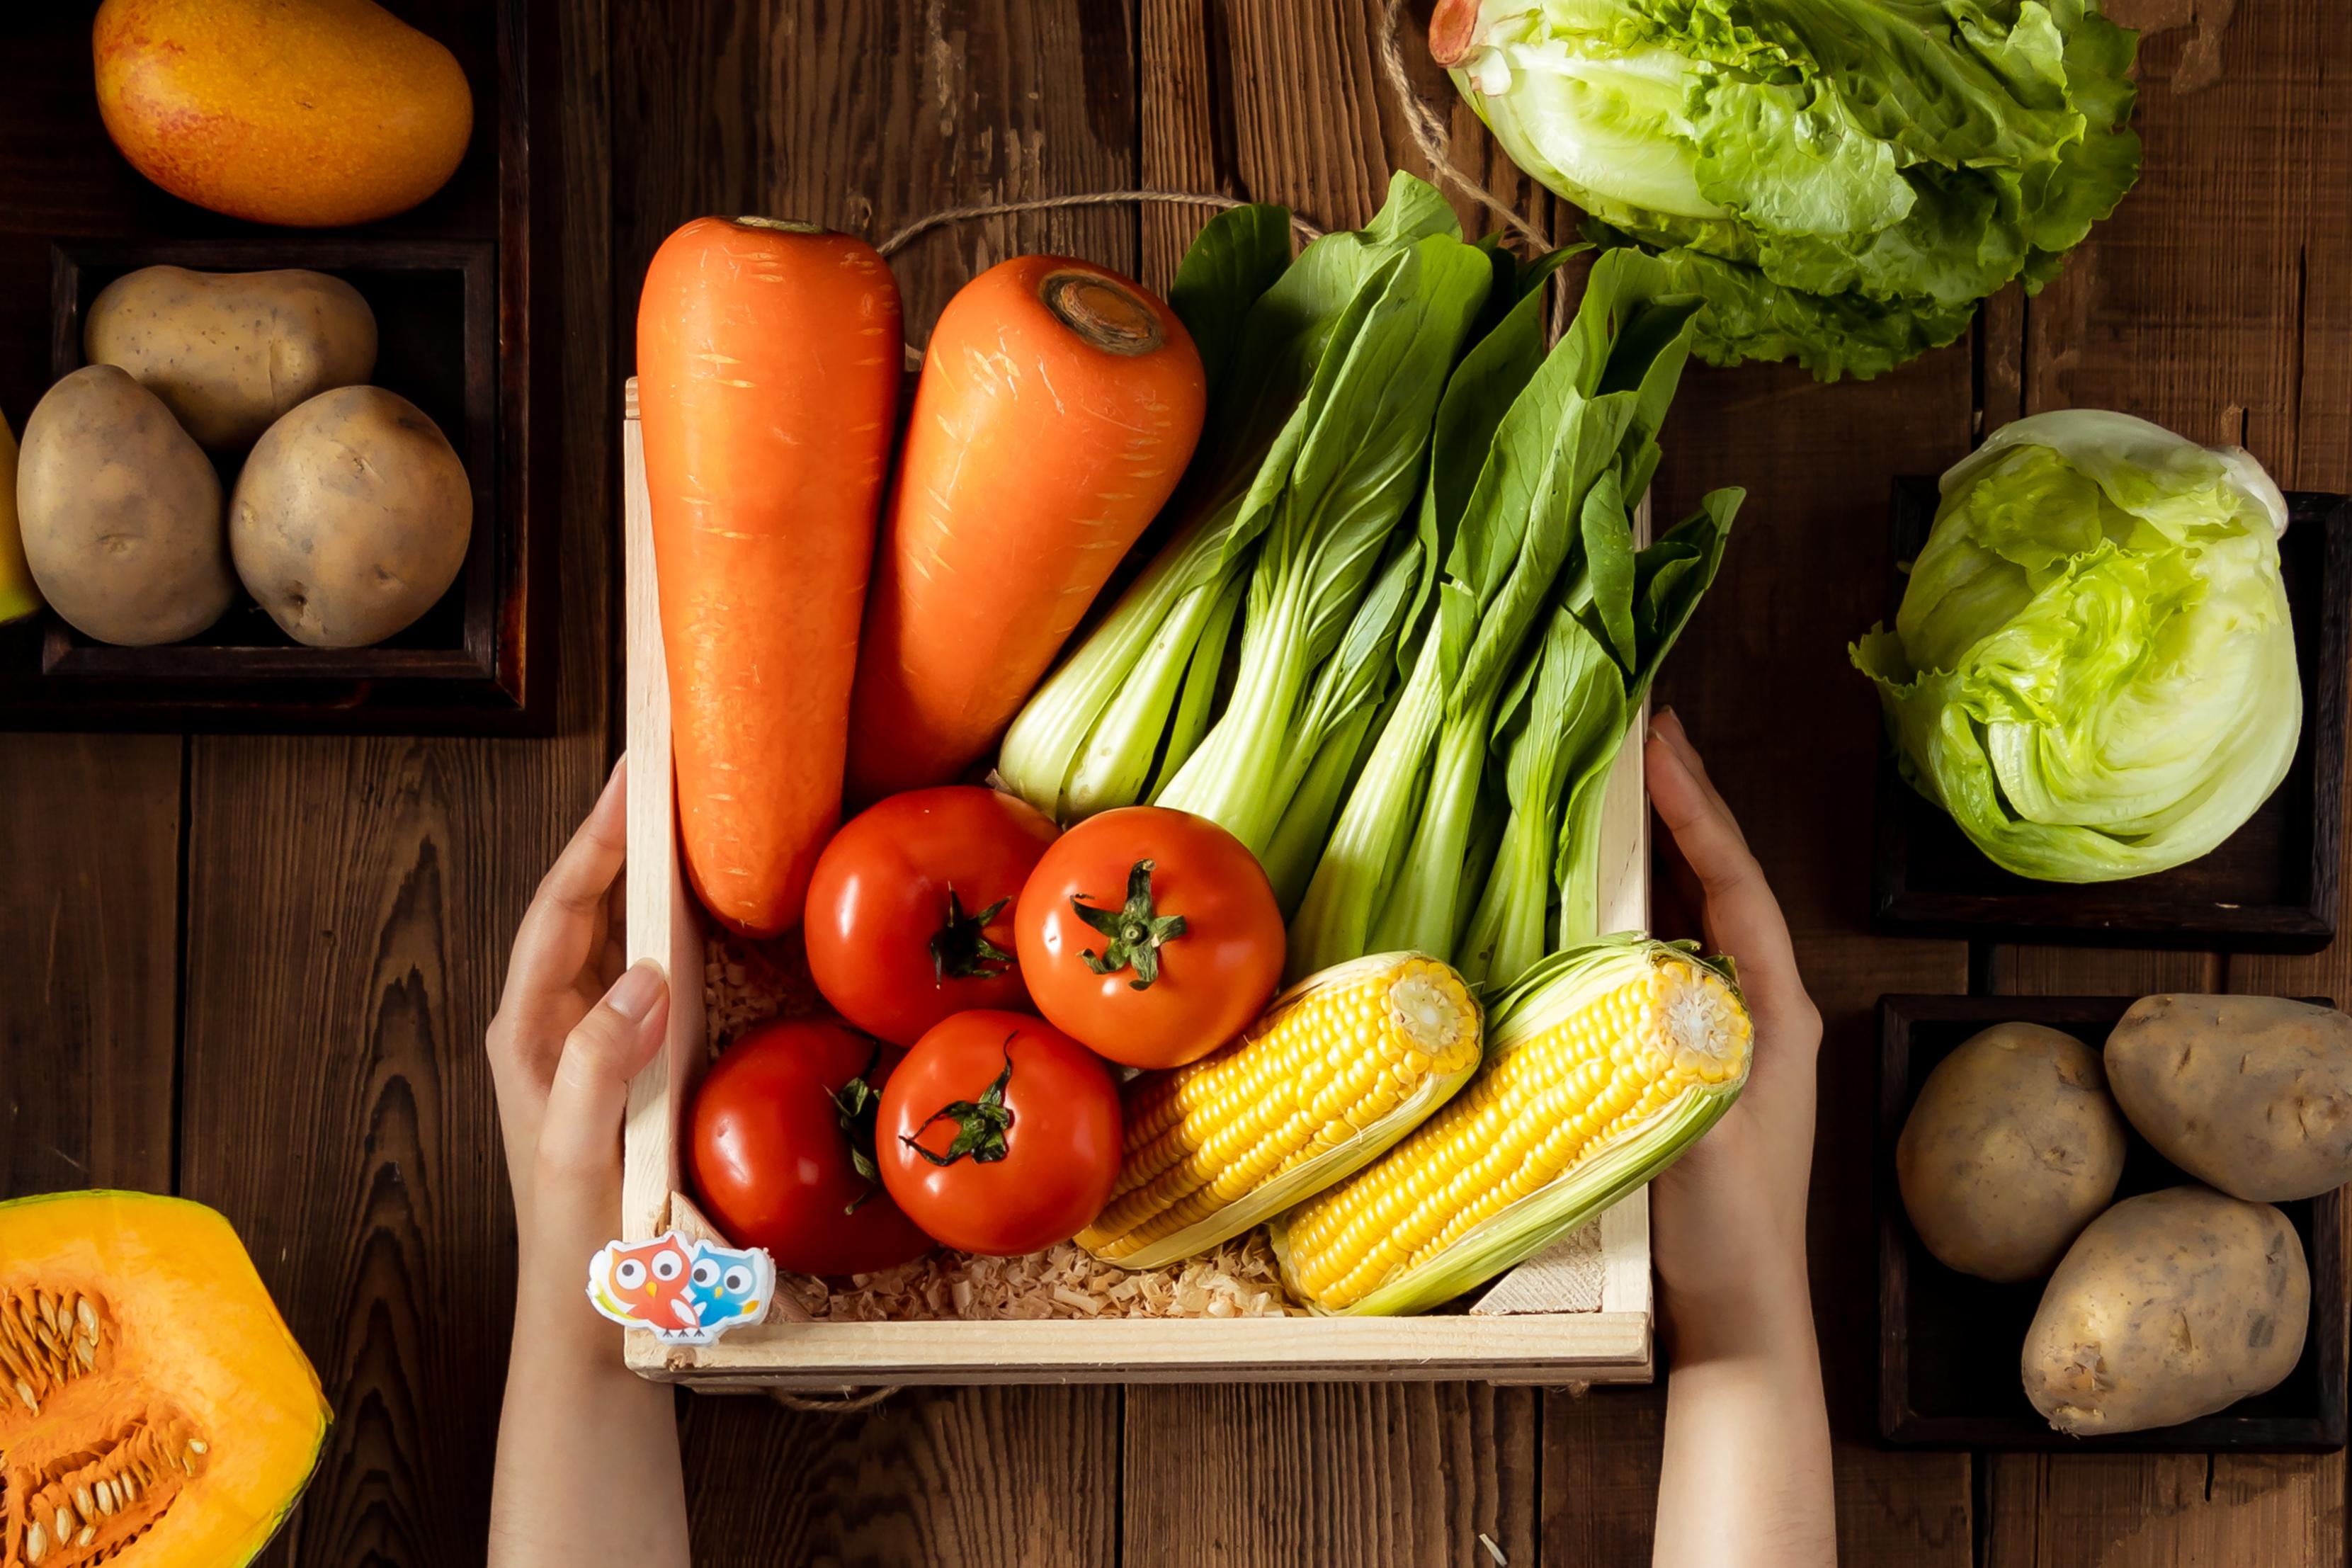 本土疫情升溫帶動搶購潮,奧丁丁市集推出防疫專區,逾百項食材提供民眾居家安心防疫